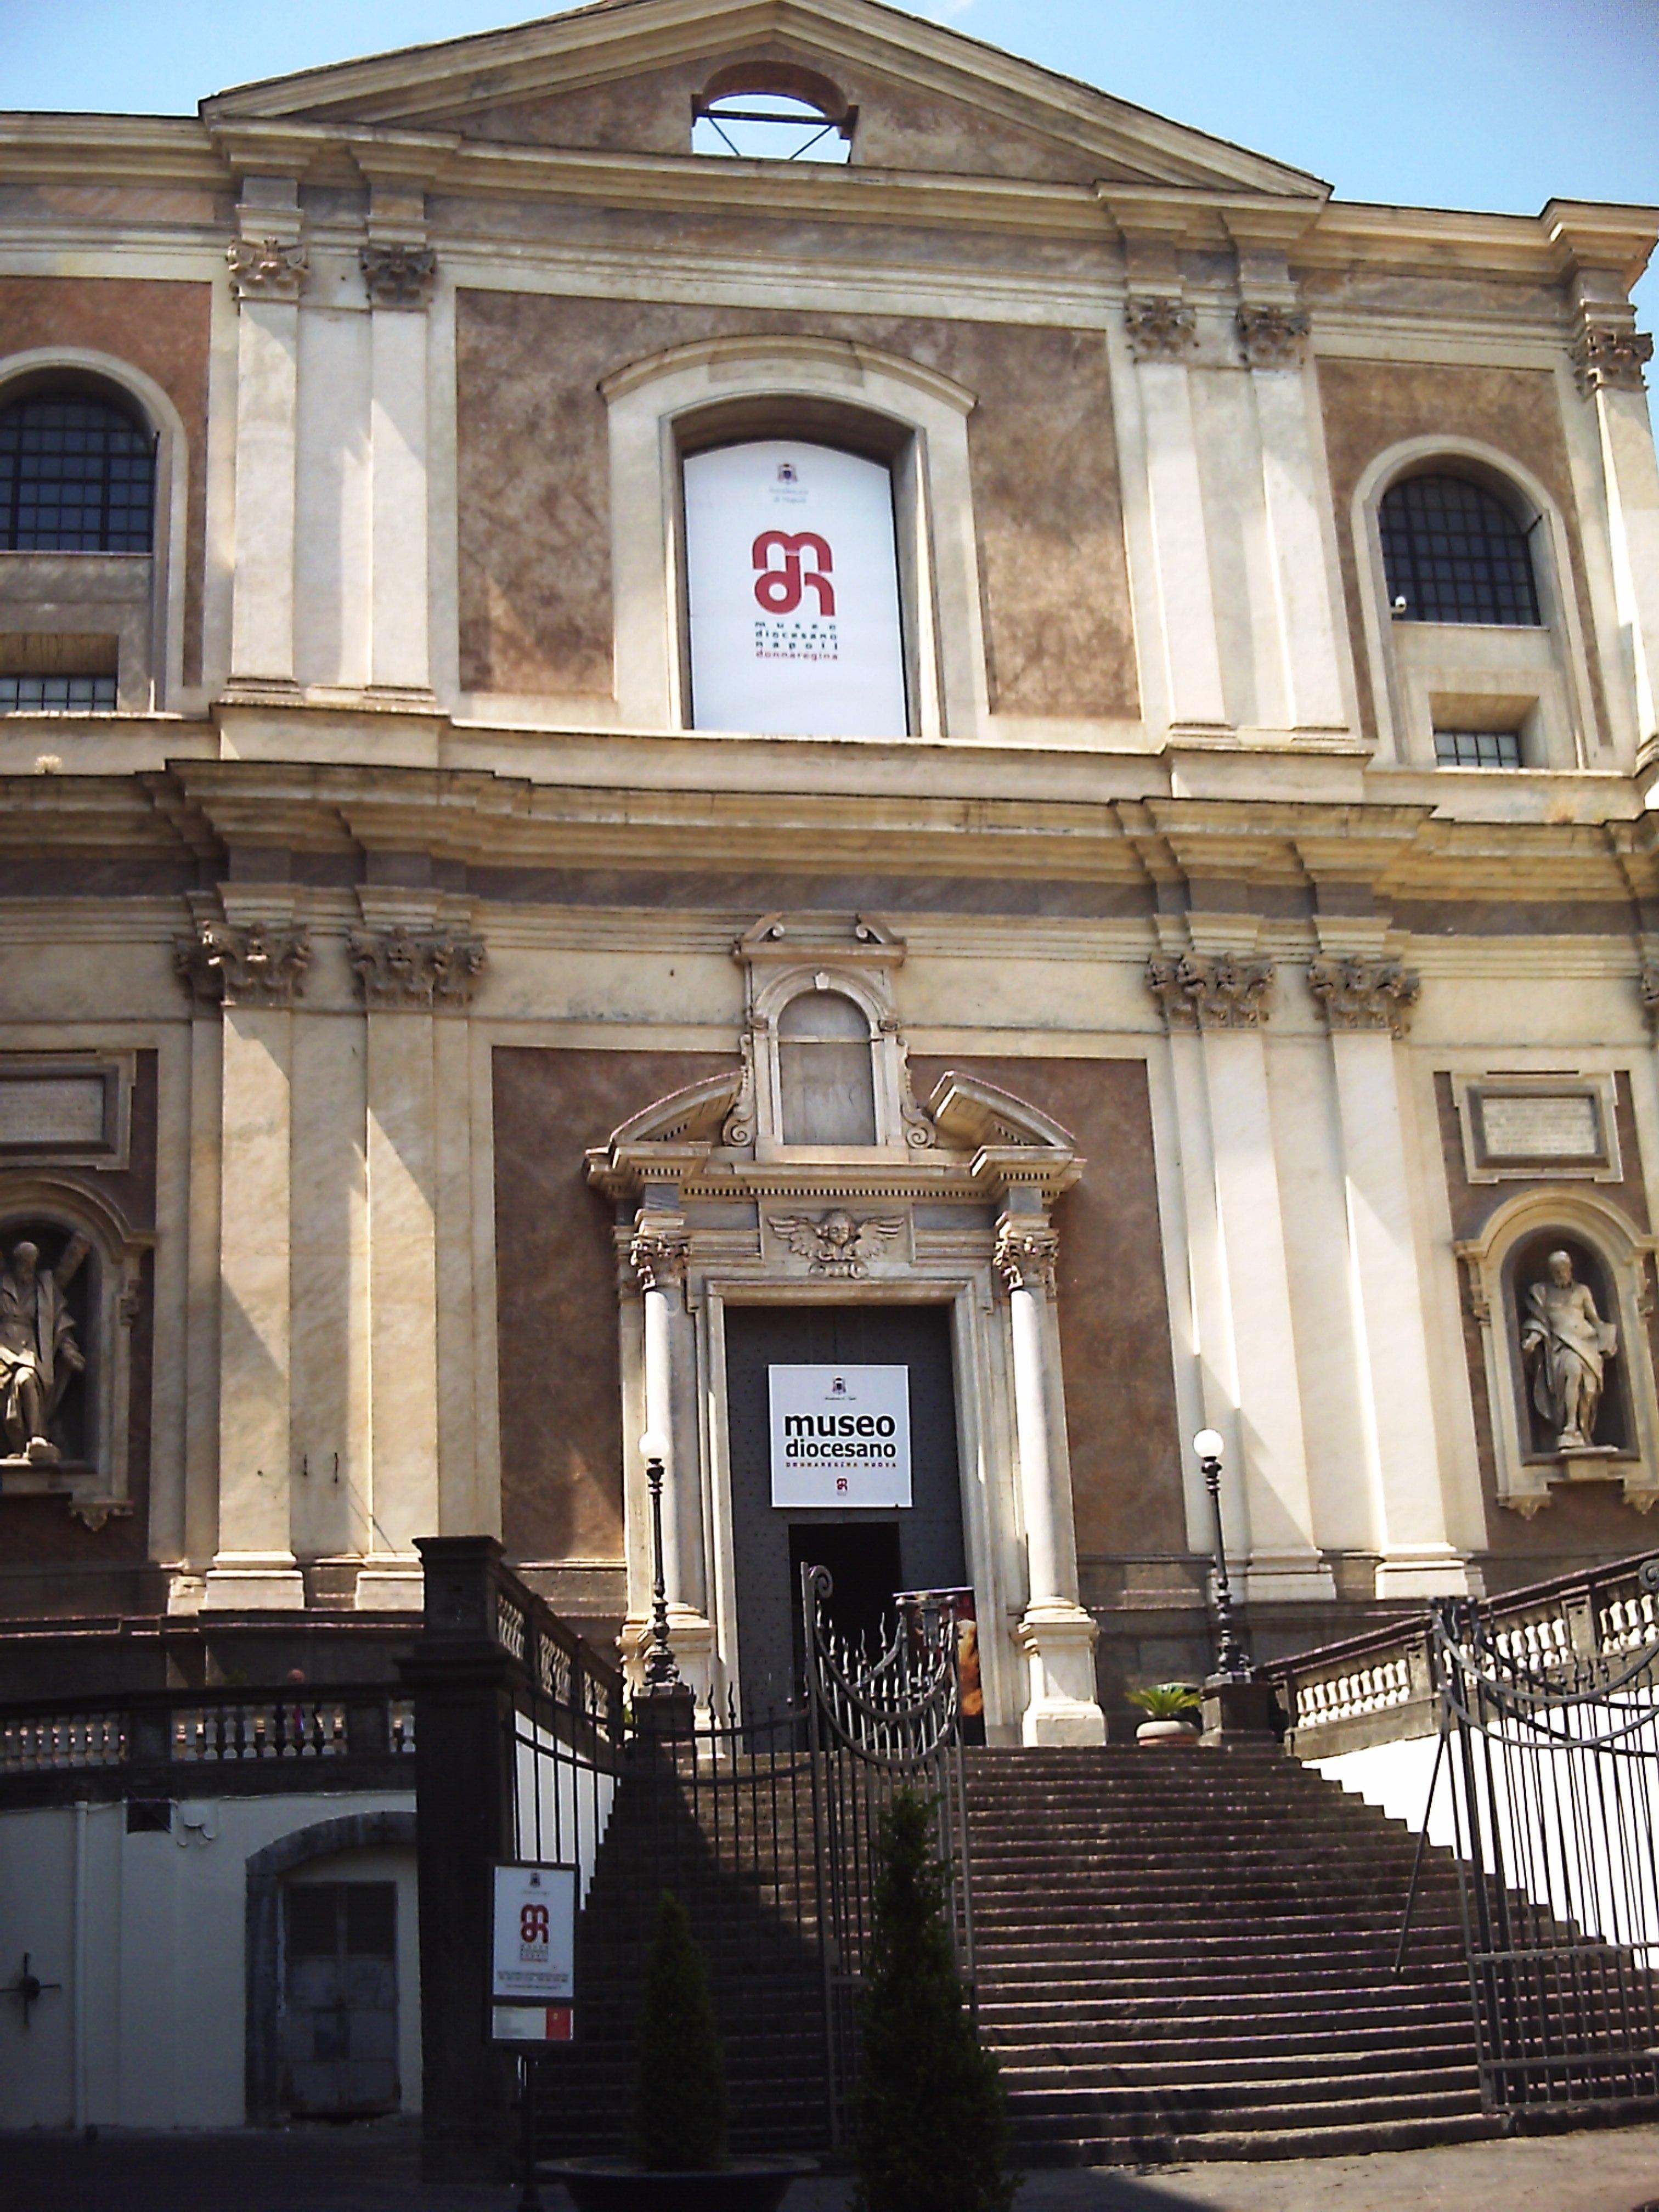 Museo Diocesano Napoli.Museo Diocesano Napoli Consorzio Borgo Dante E Decumani